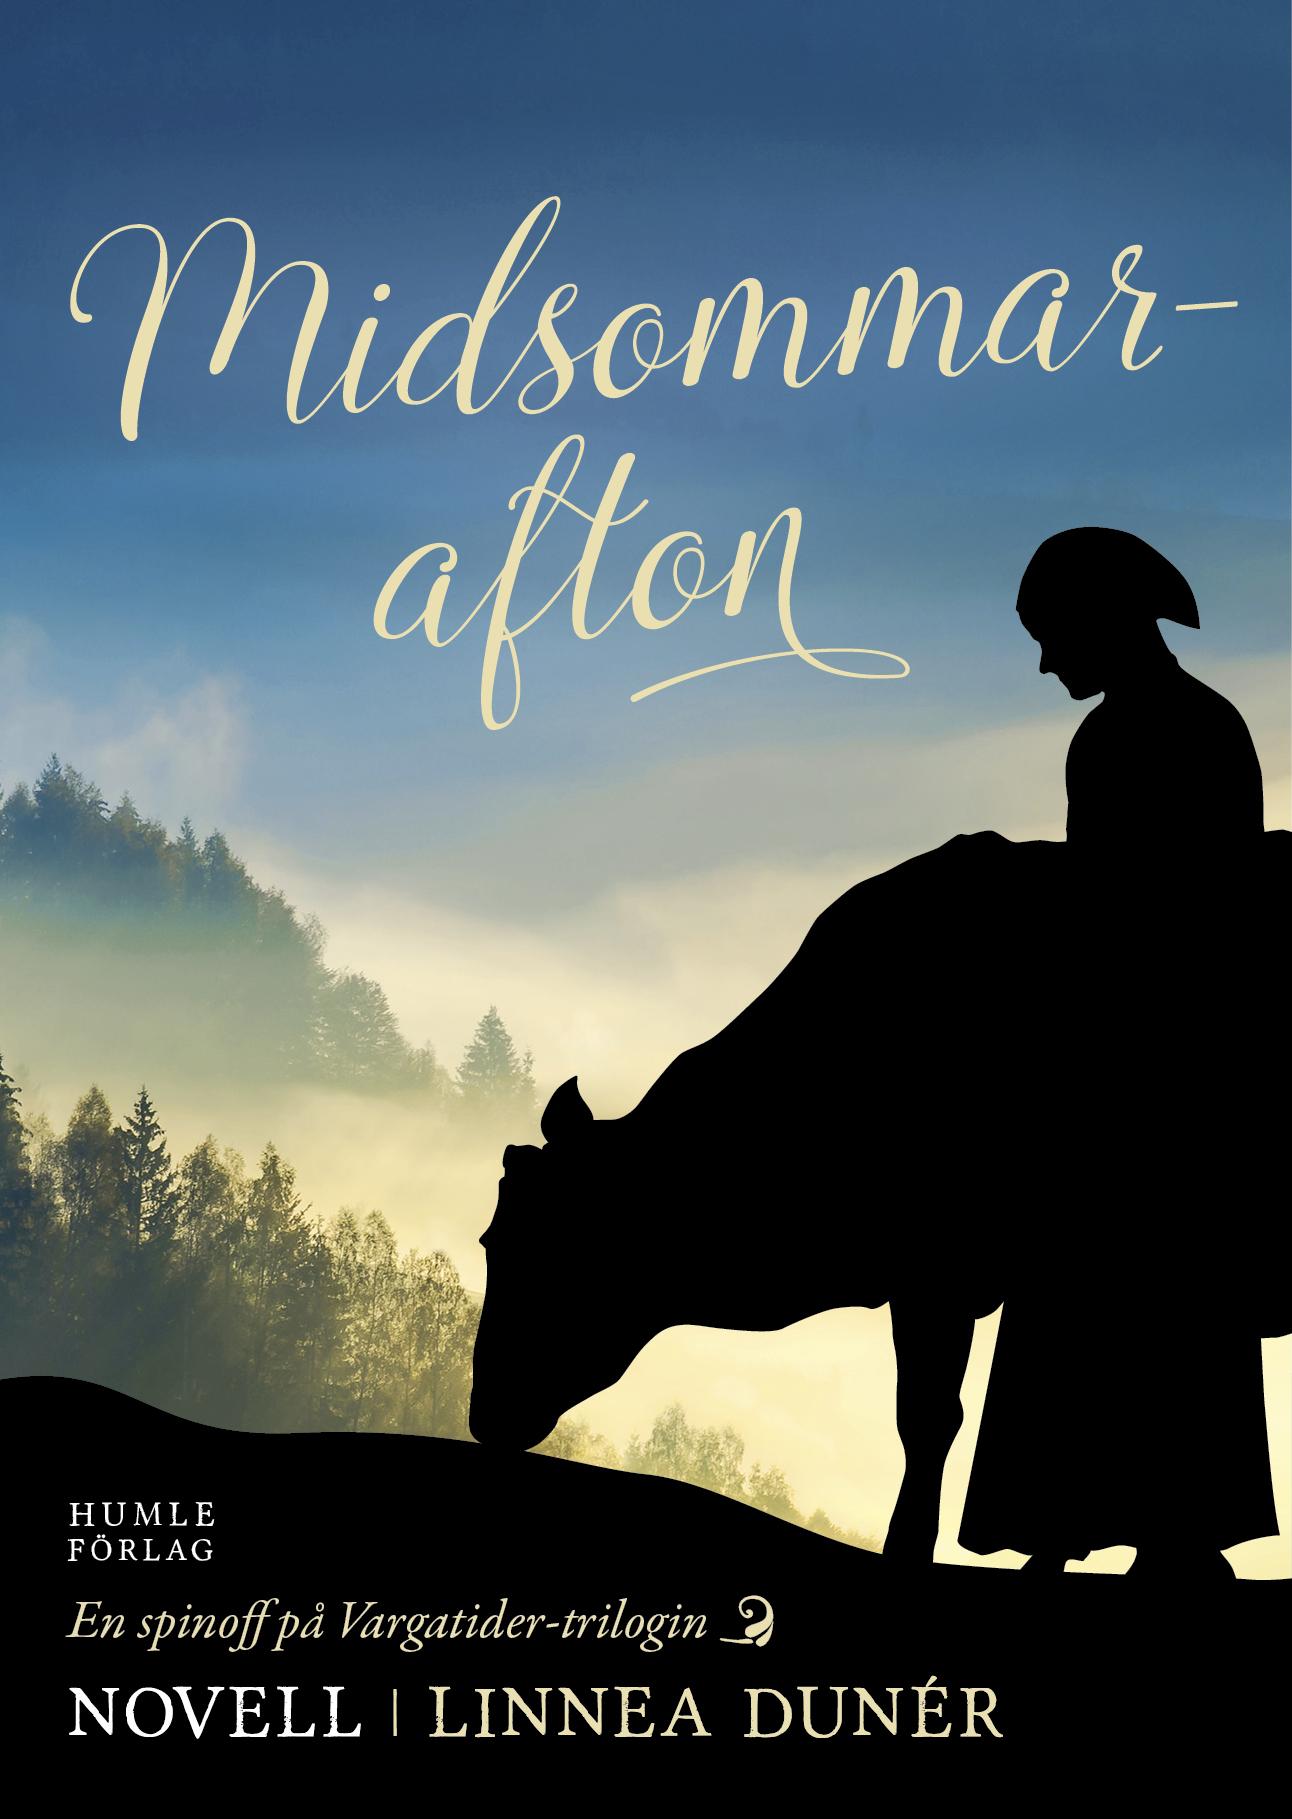 Framsidan på den historiska novellen Midsommarafton, en spin-off på Vargatider-serien